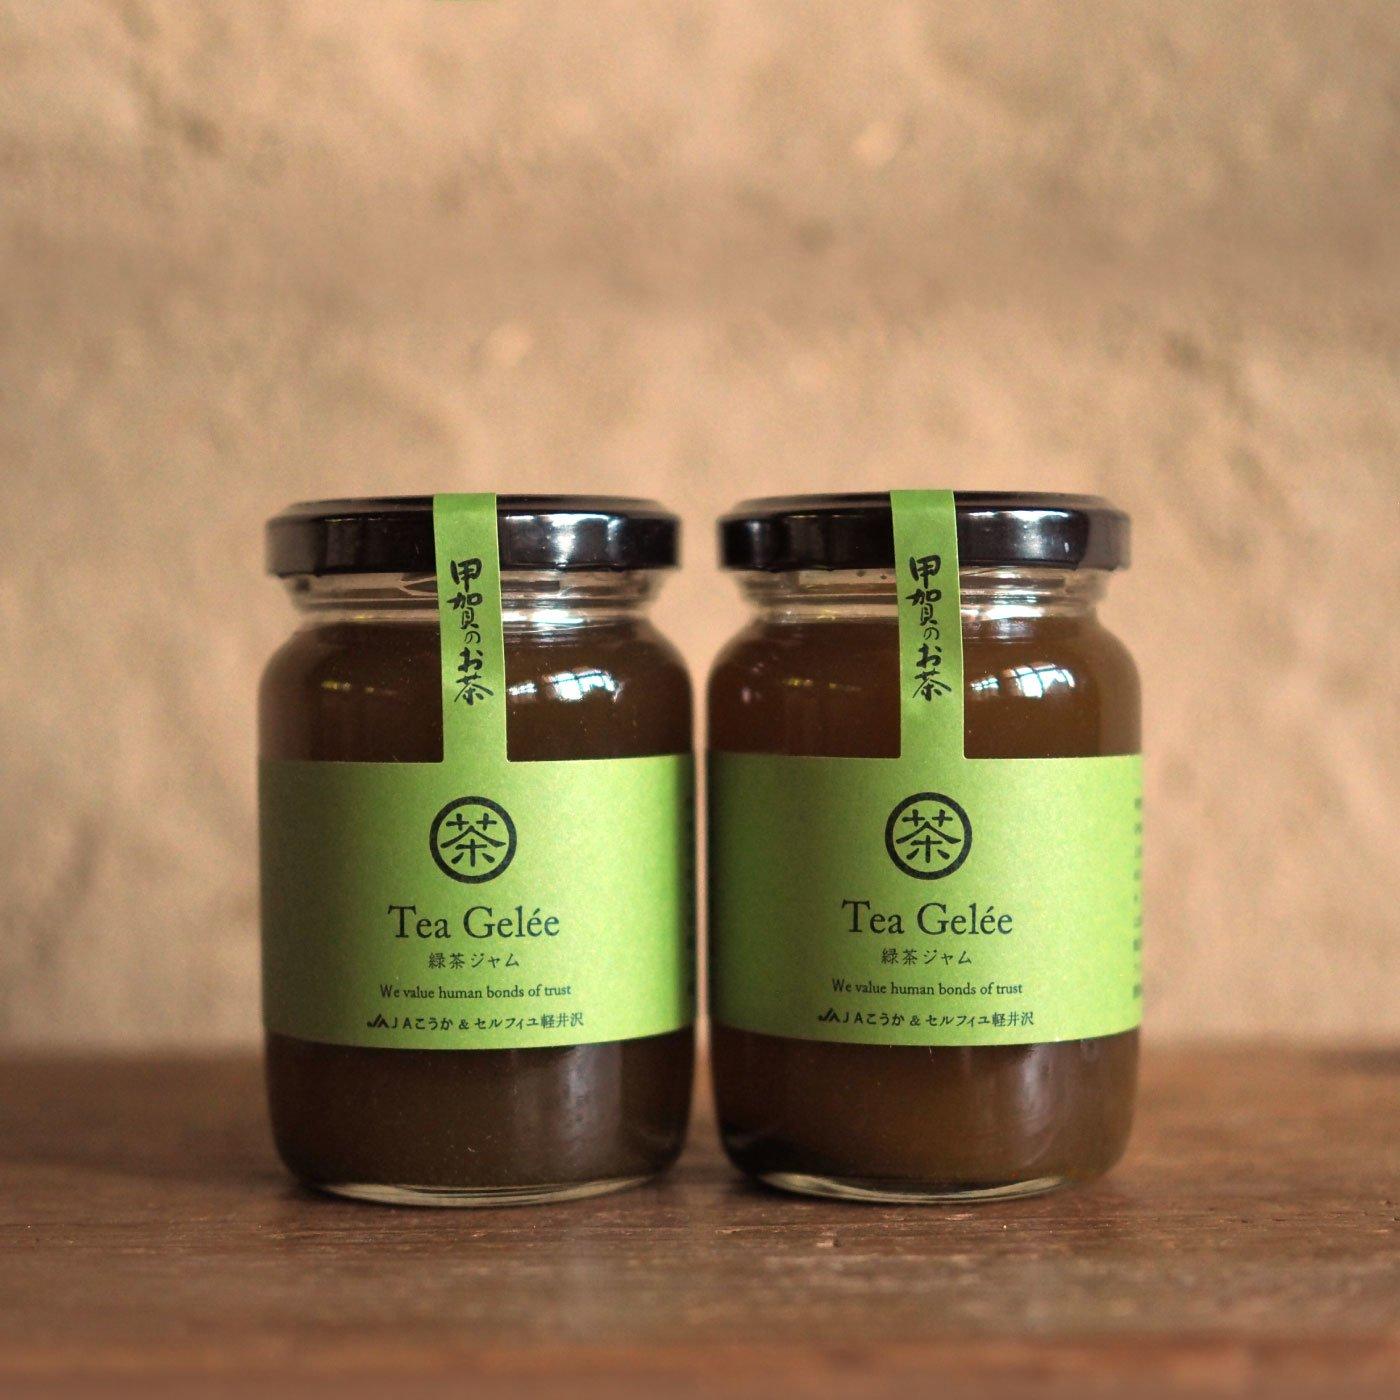 純農 蜂蜜と緑茶がとろけあう 至福の緑茶ジャムの会